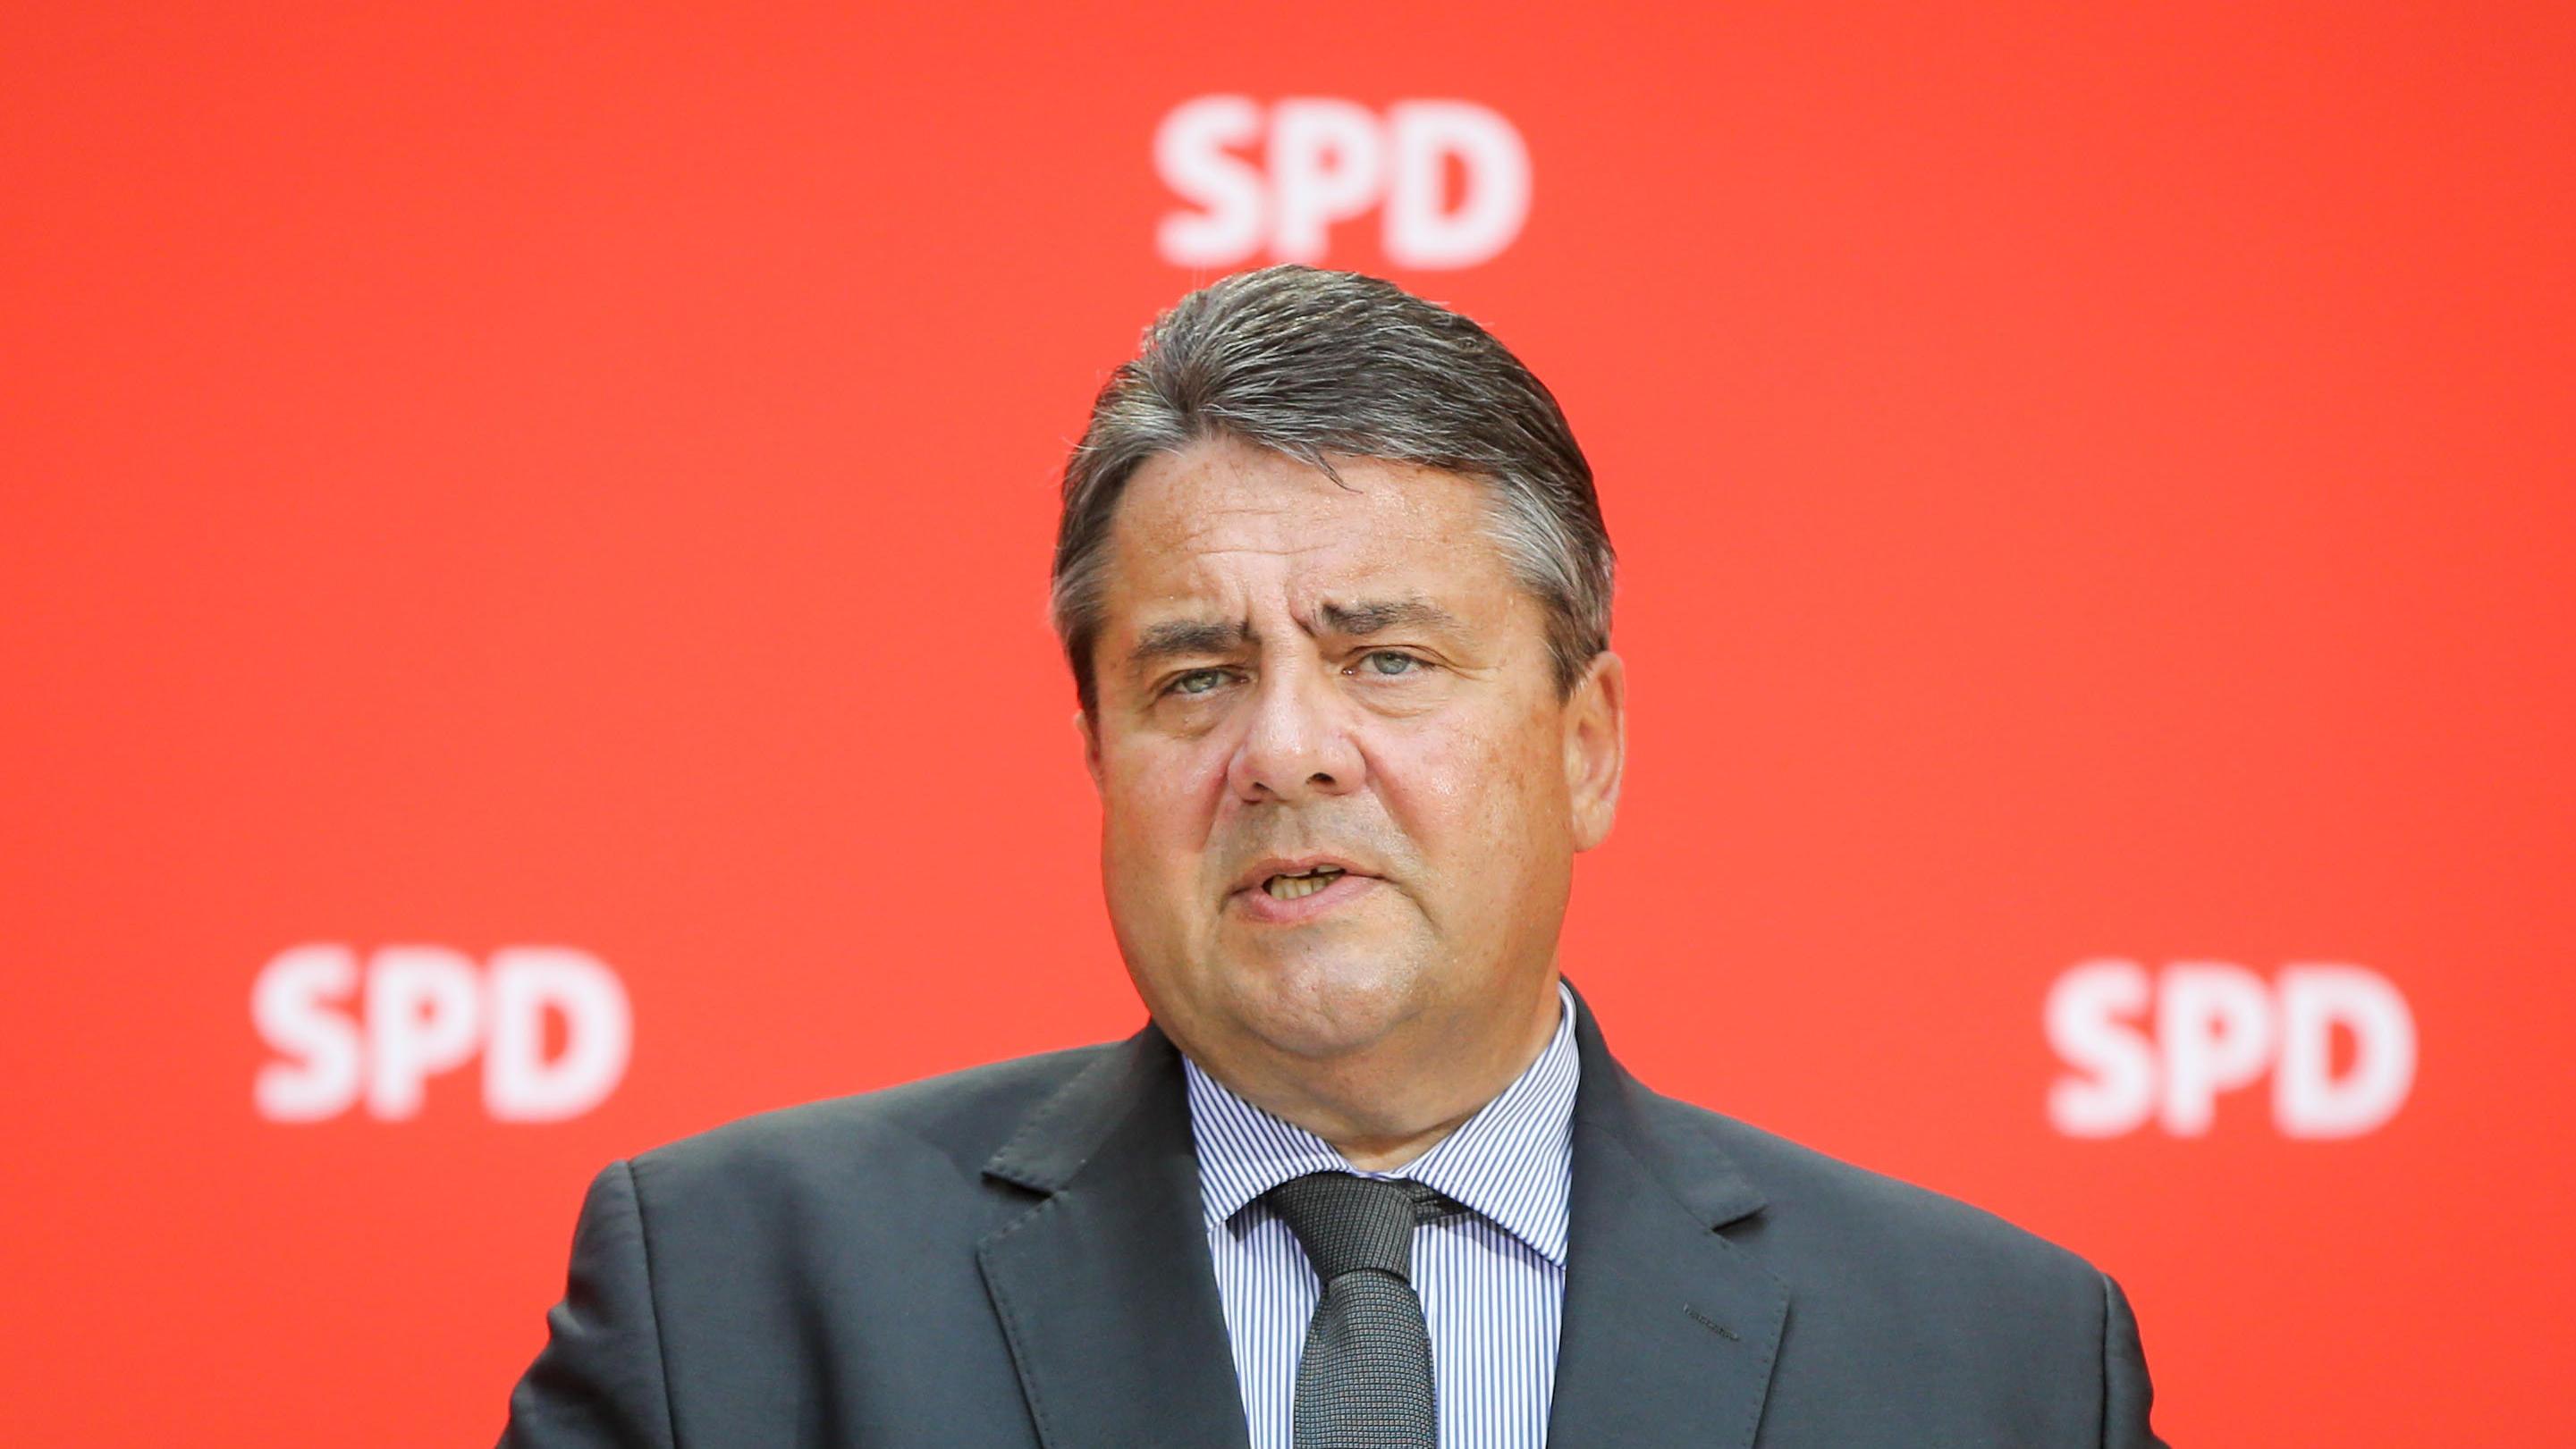 Gabriel fordert von der SPD Kurskorrektur